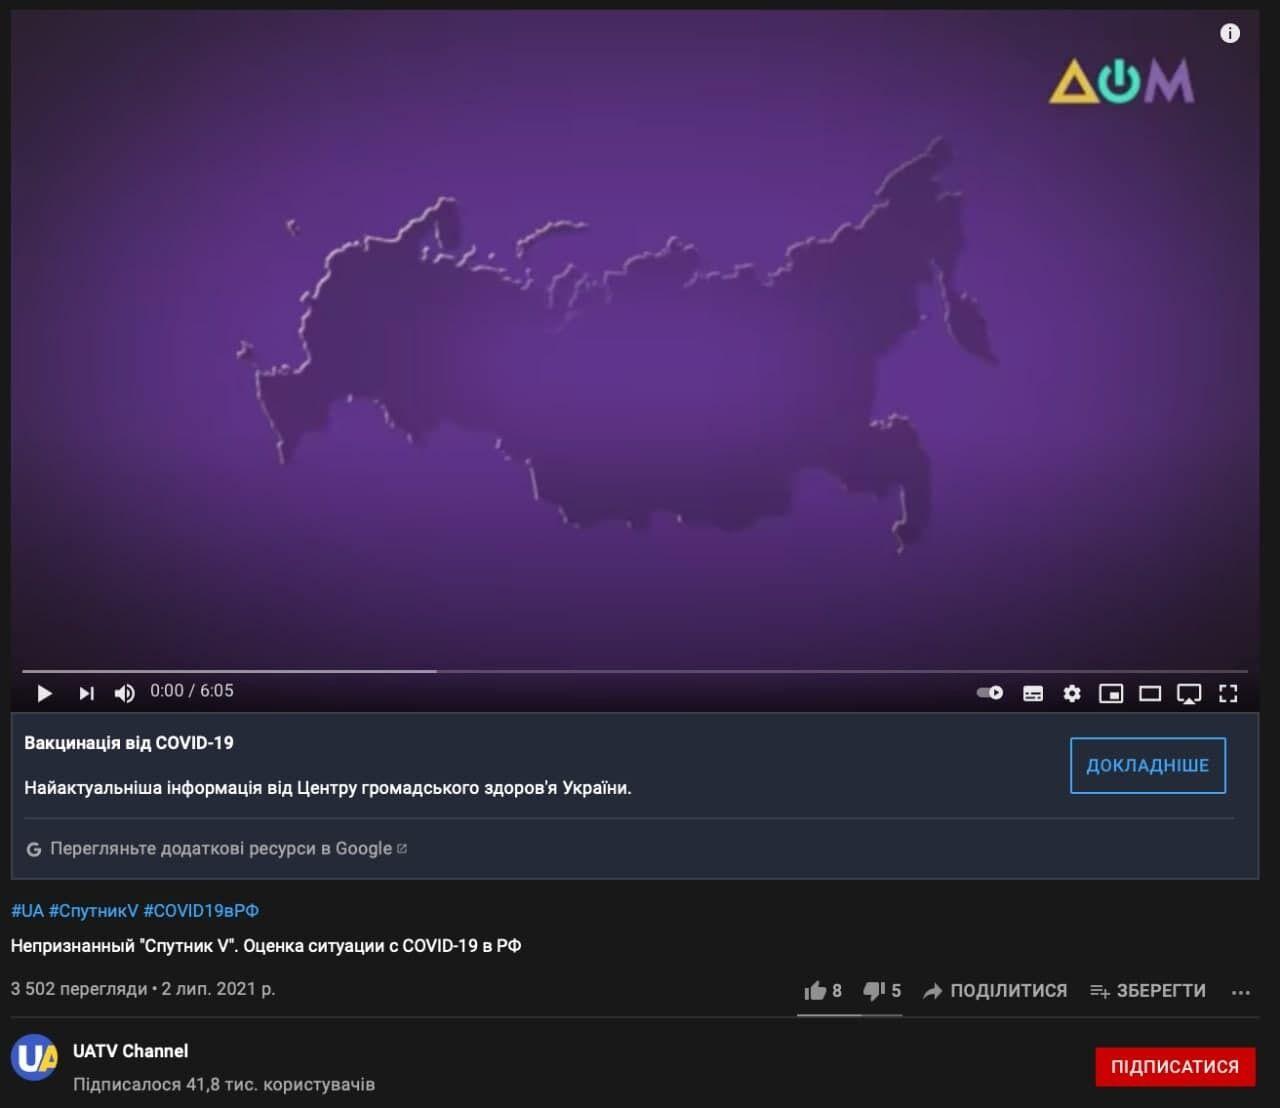 """Скриншот карти РФ з Кримом на каналі """"Дом"""""""